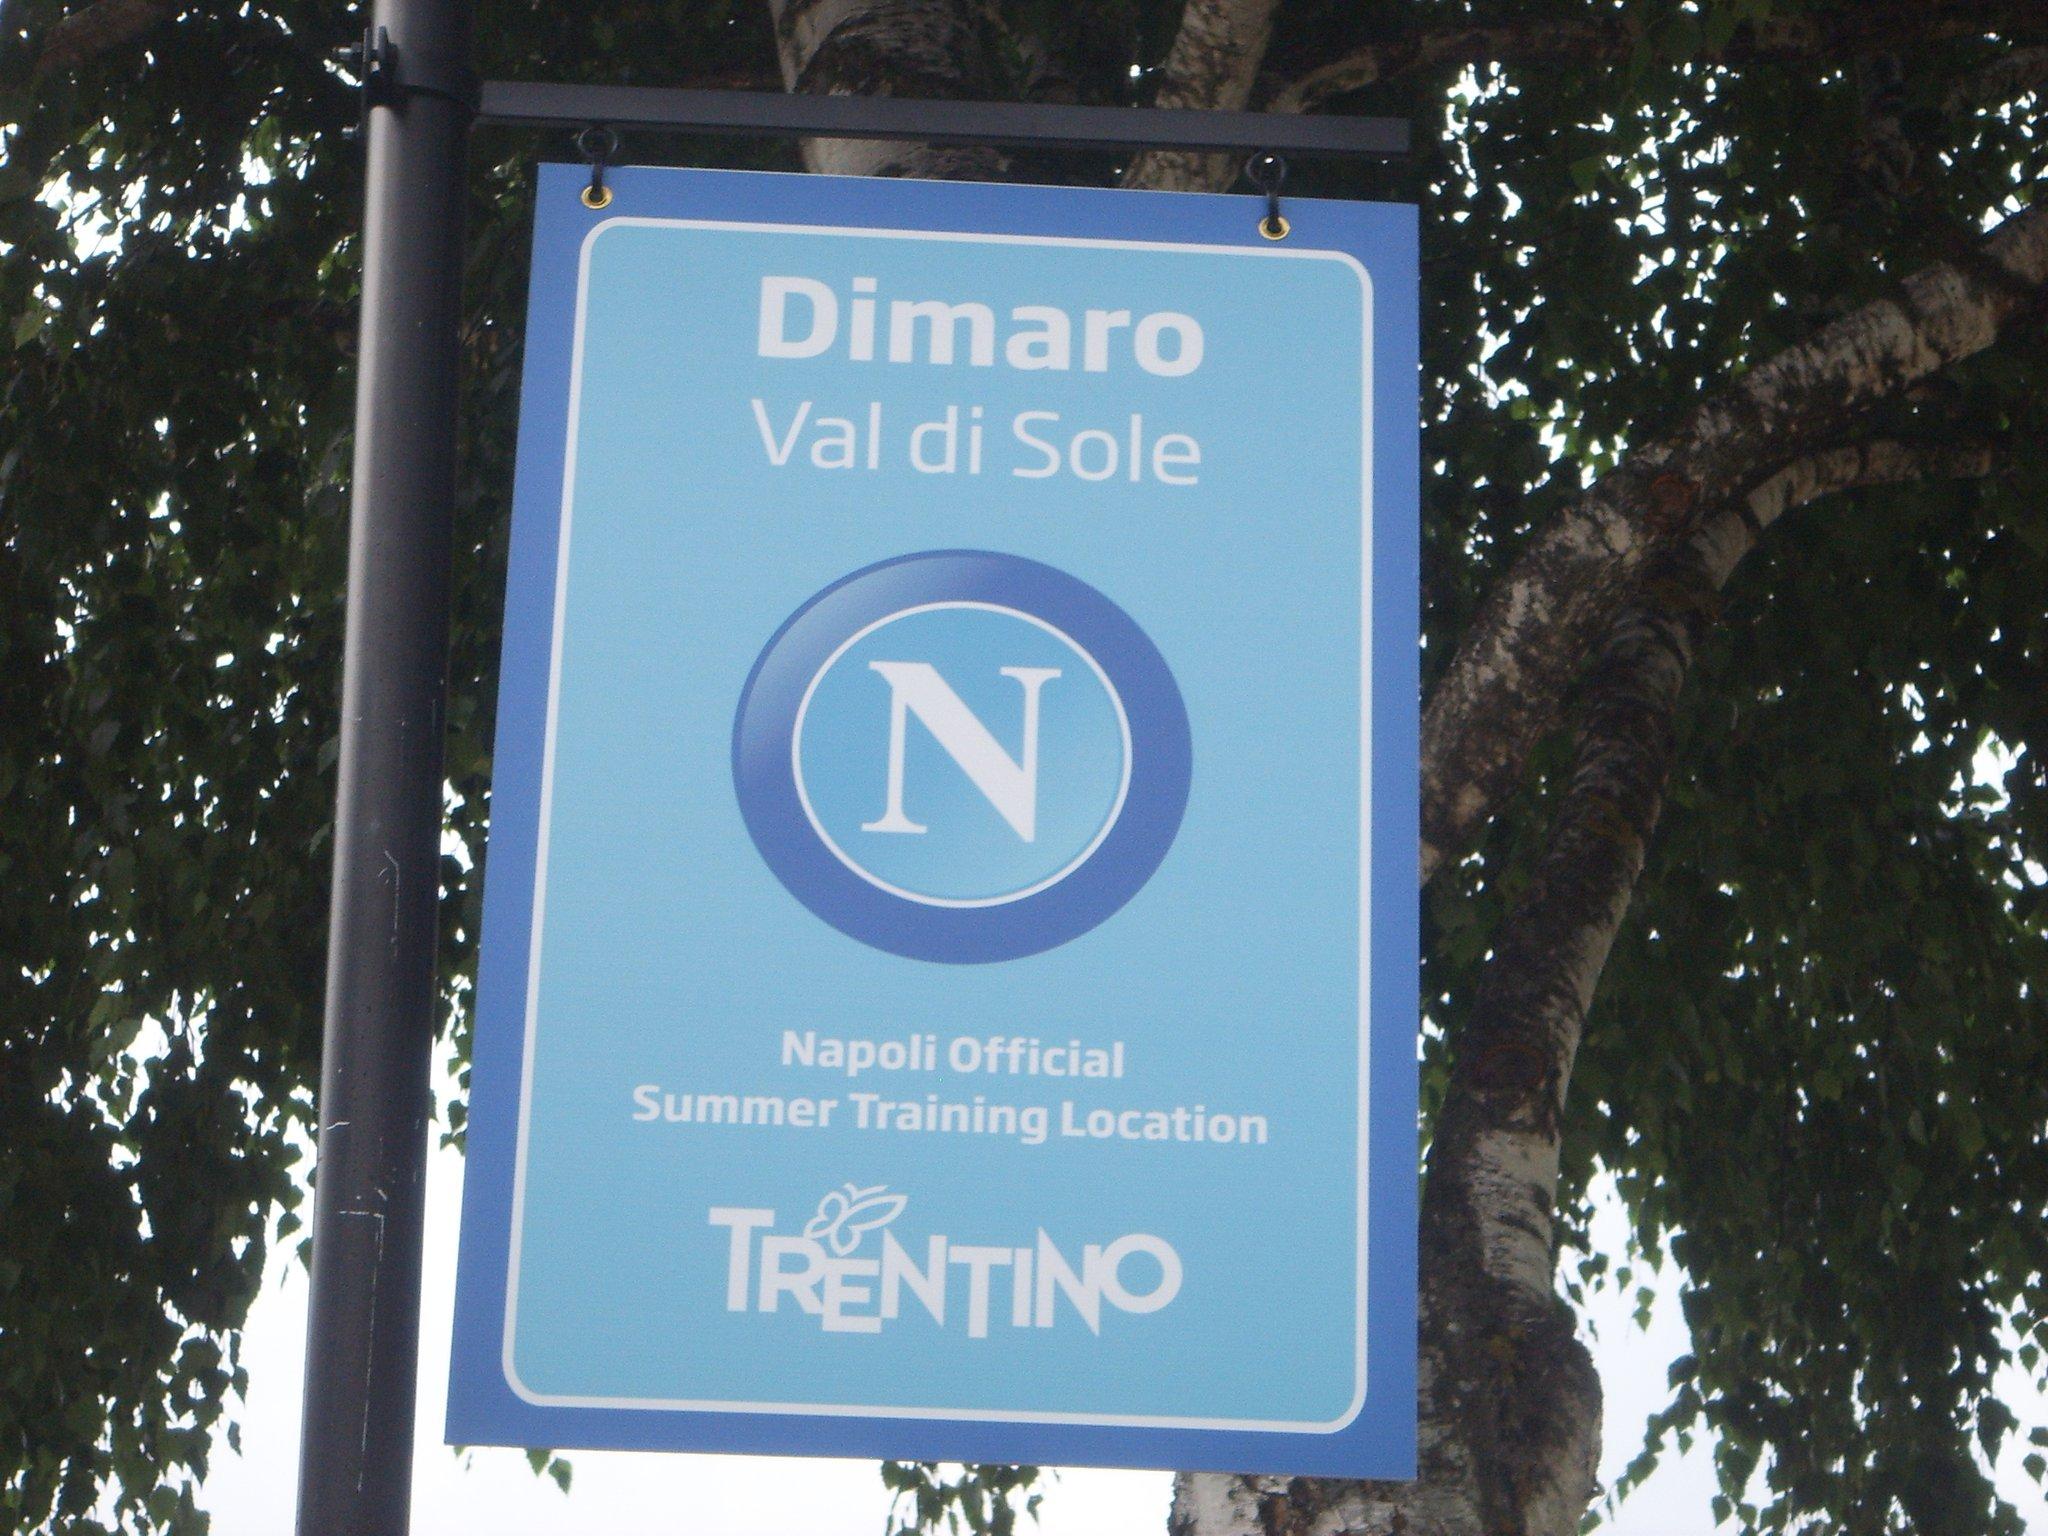 Il Napolia a Dimaro dal 6 al 26 luglio, il programma del ritiro